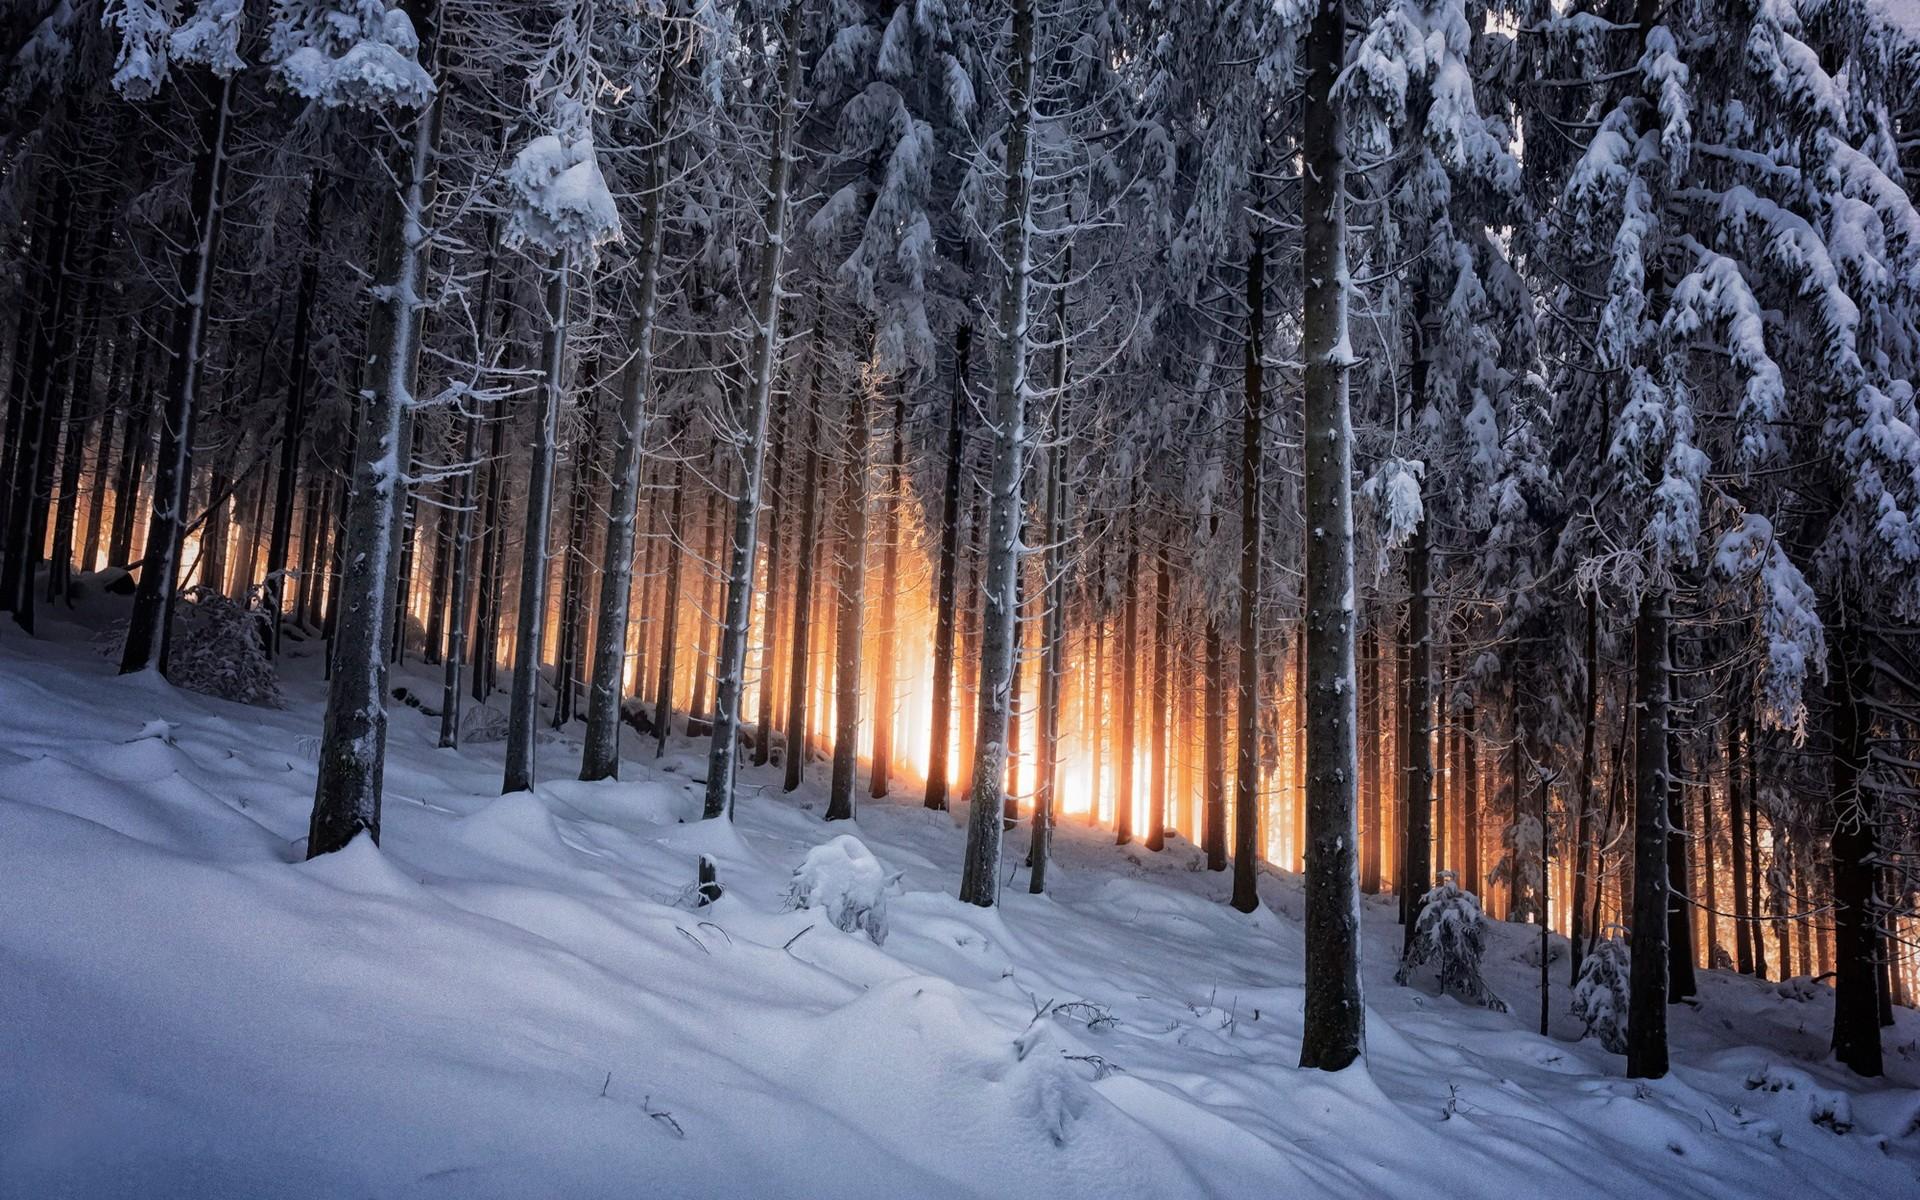 фото зимнего леса в высоком качестве стен